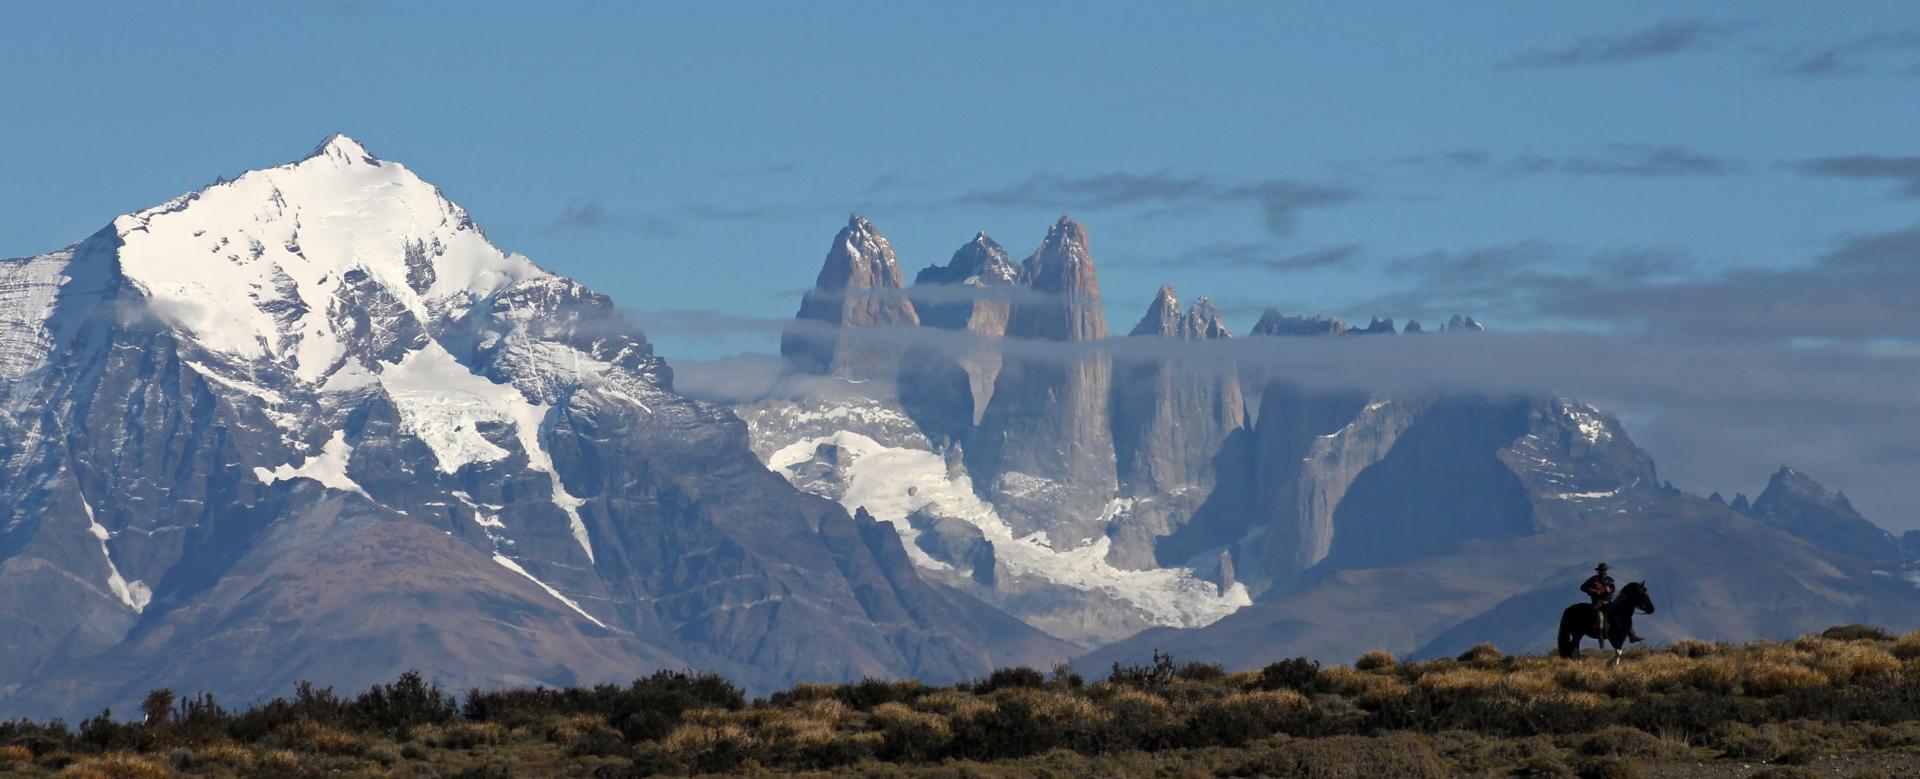 Voyage à pied : Ushuaia, croisière australis et patagonie